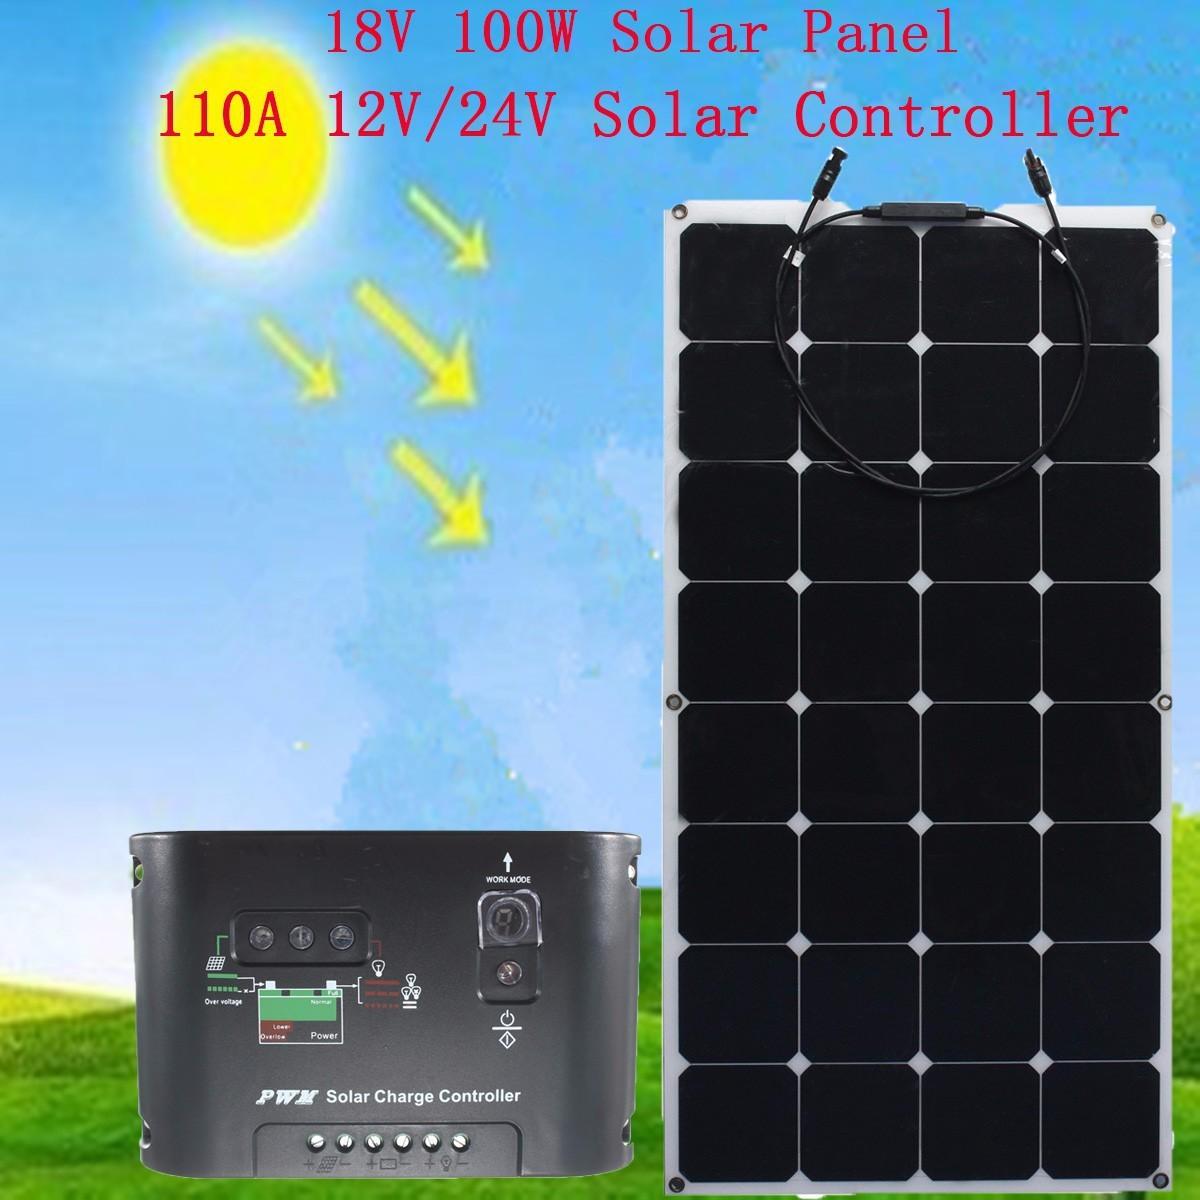 Loanables Sunpower Flexible 100w Solar Panel Rental